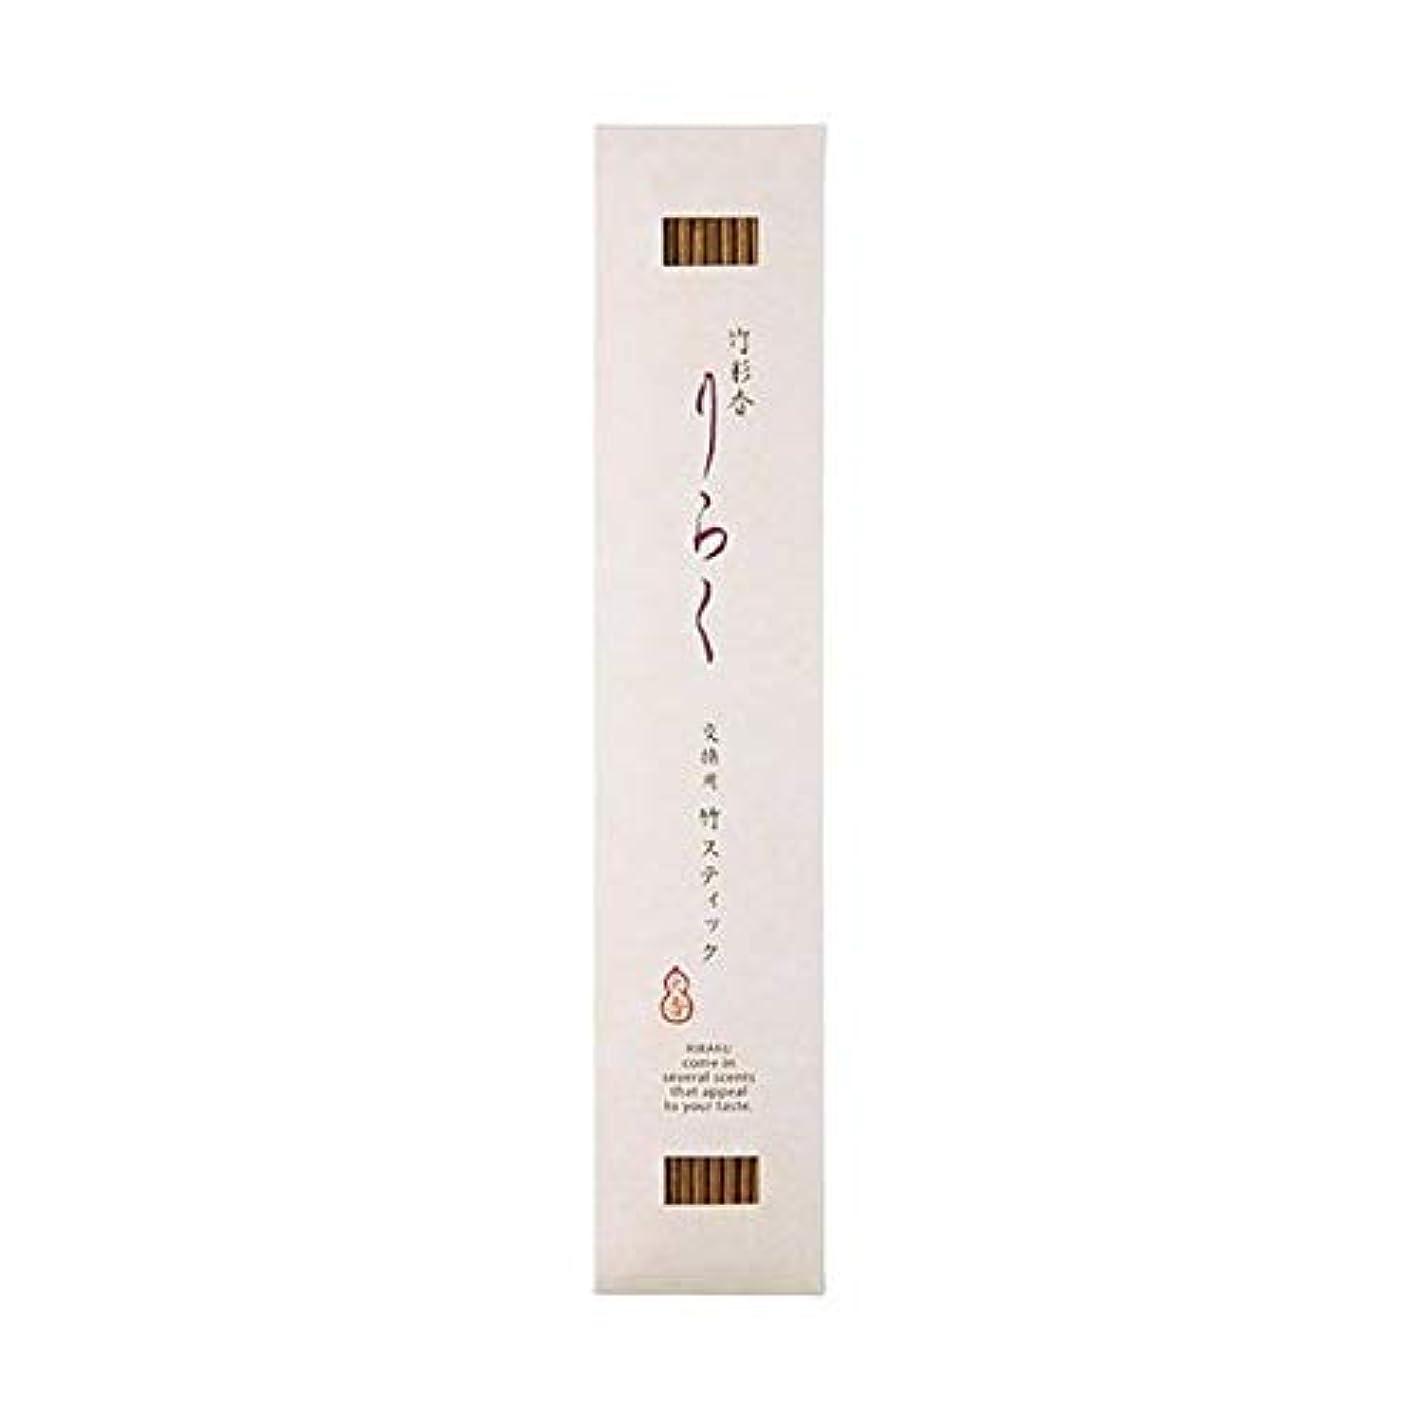 消費環境に優しいコンサート竹彩香りらく 交換用竹スティック白檀の色 10本